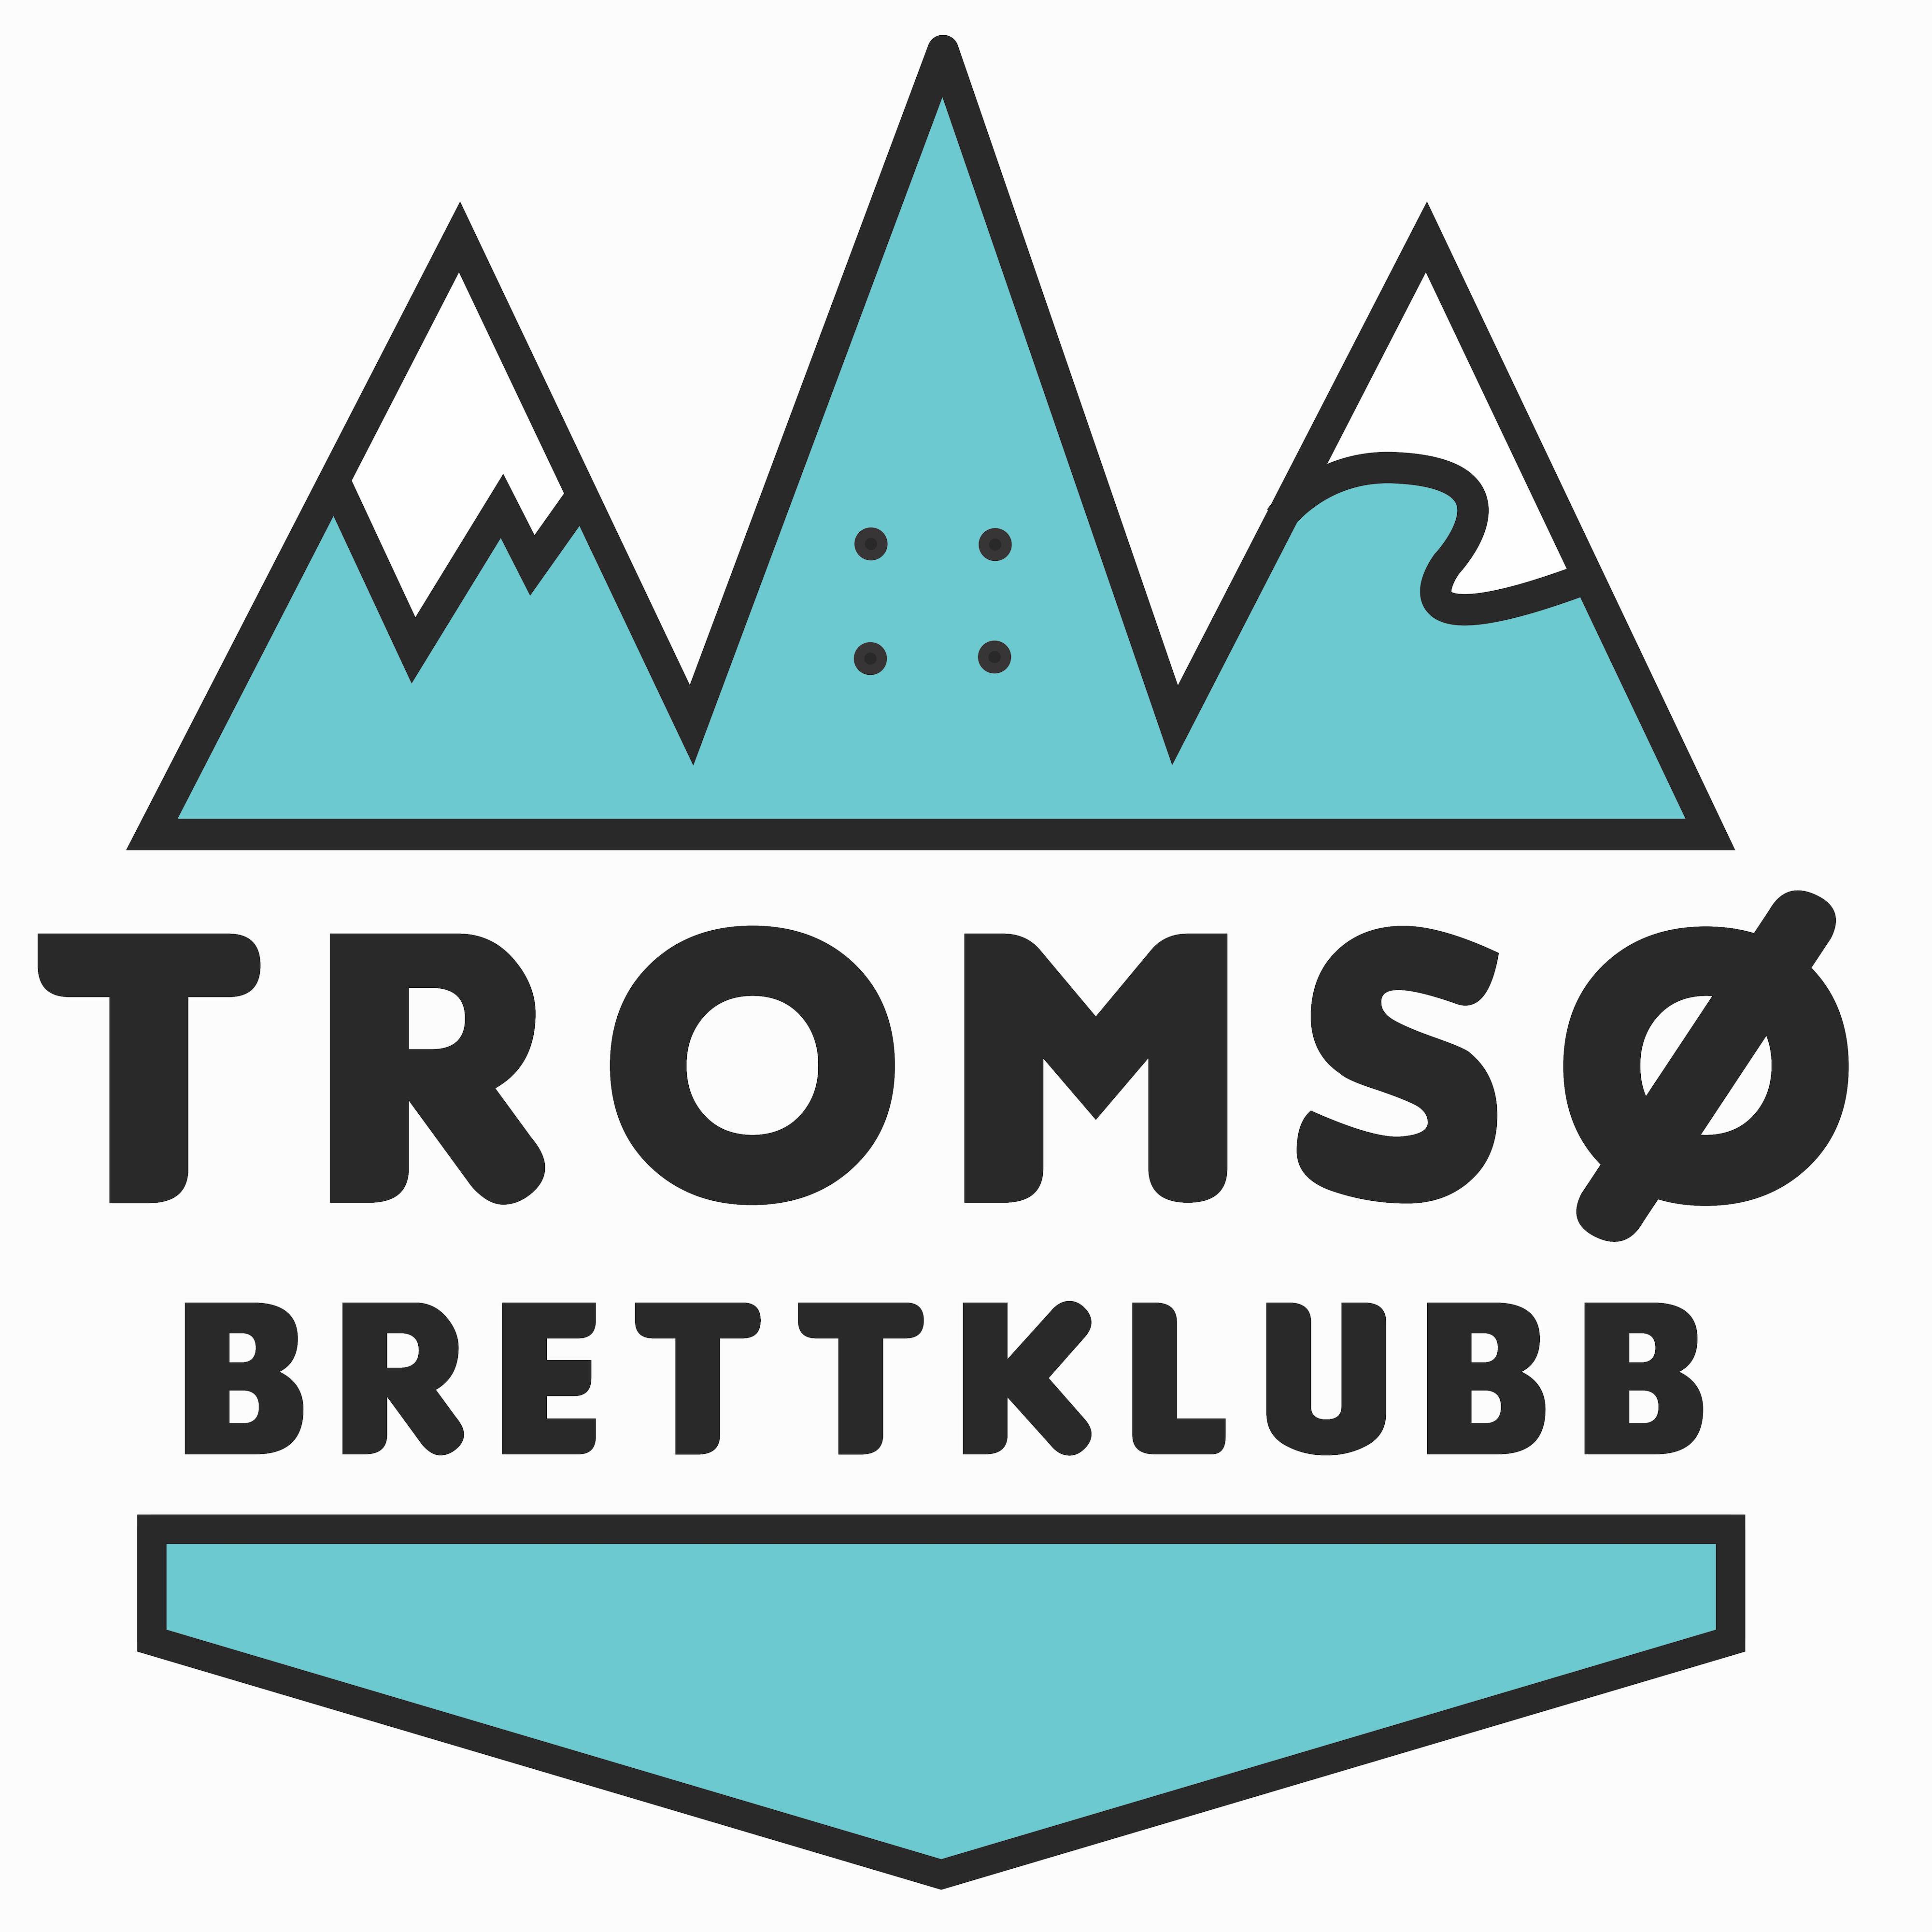 Tromsø Brettklubb